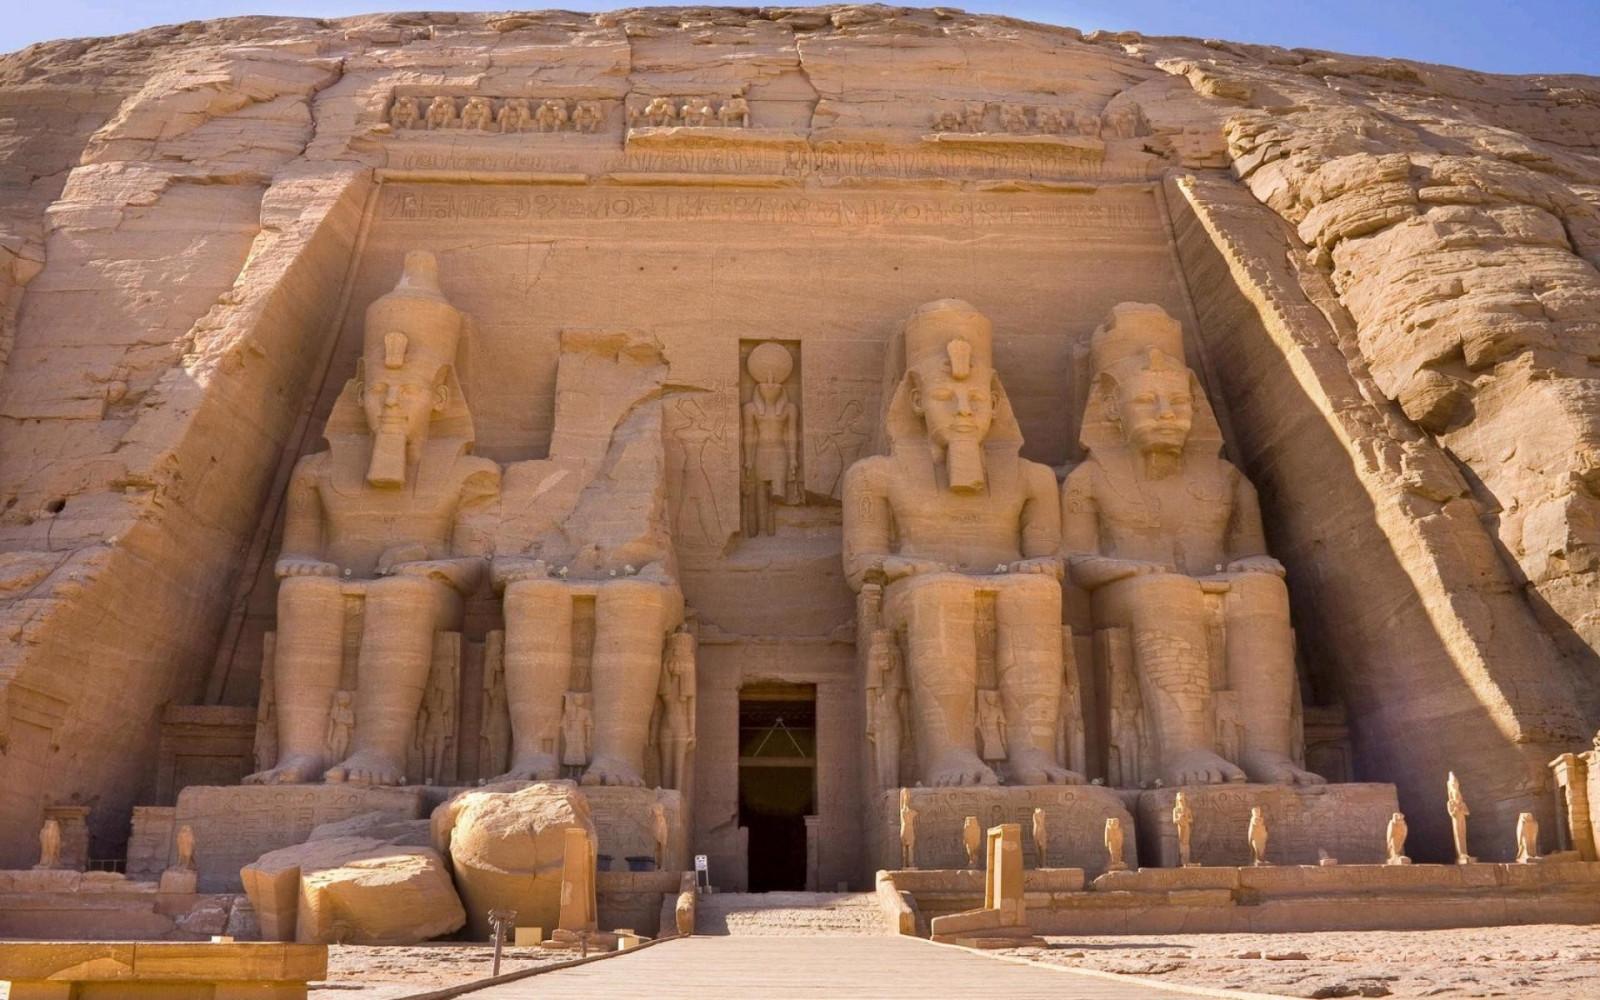 Sfondi antico roccia sabbia costruzione arco for Piano di costruzione dell edificio